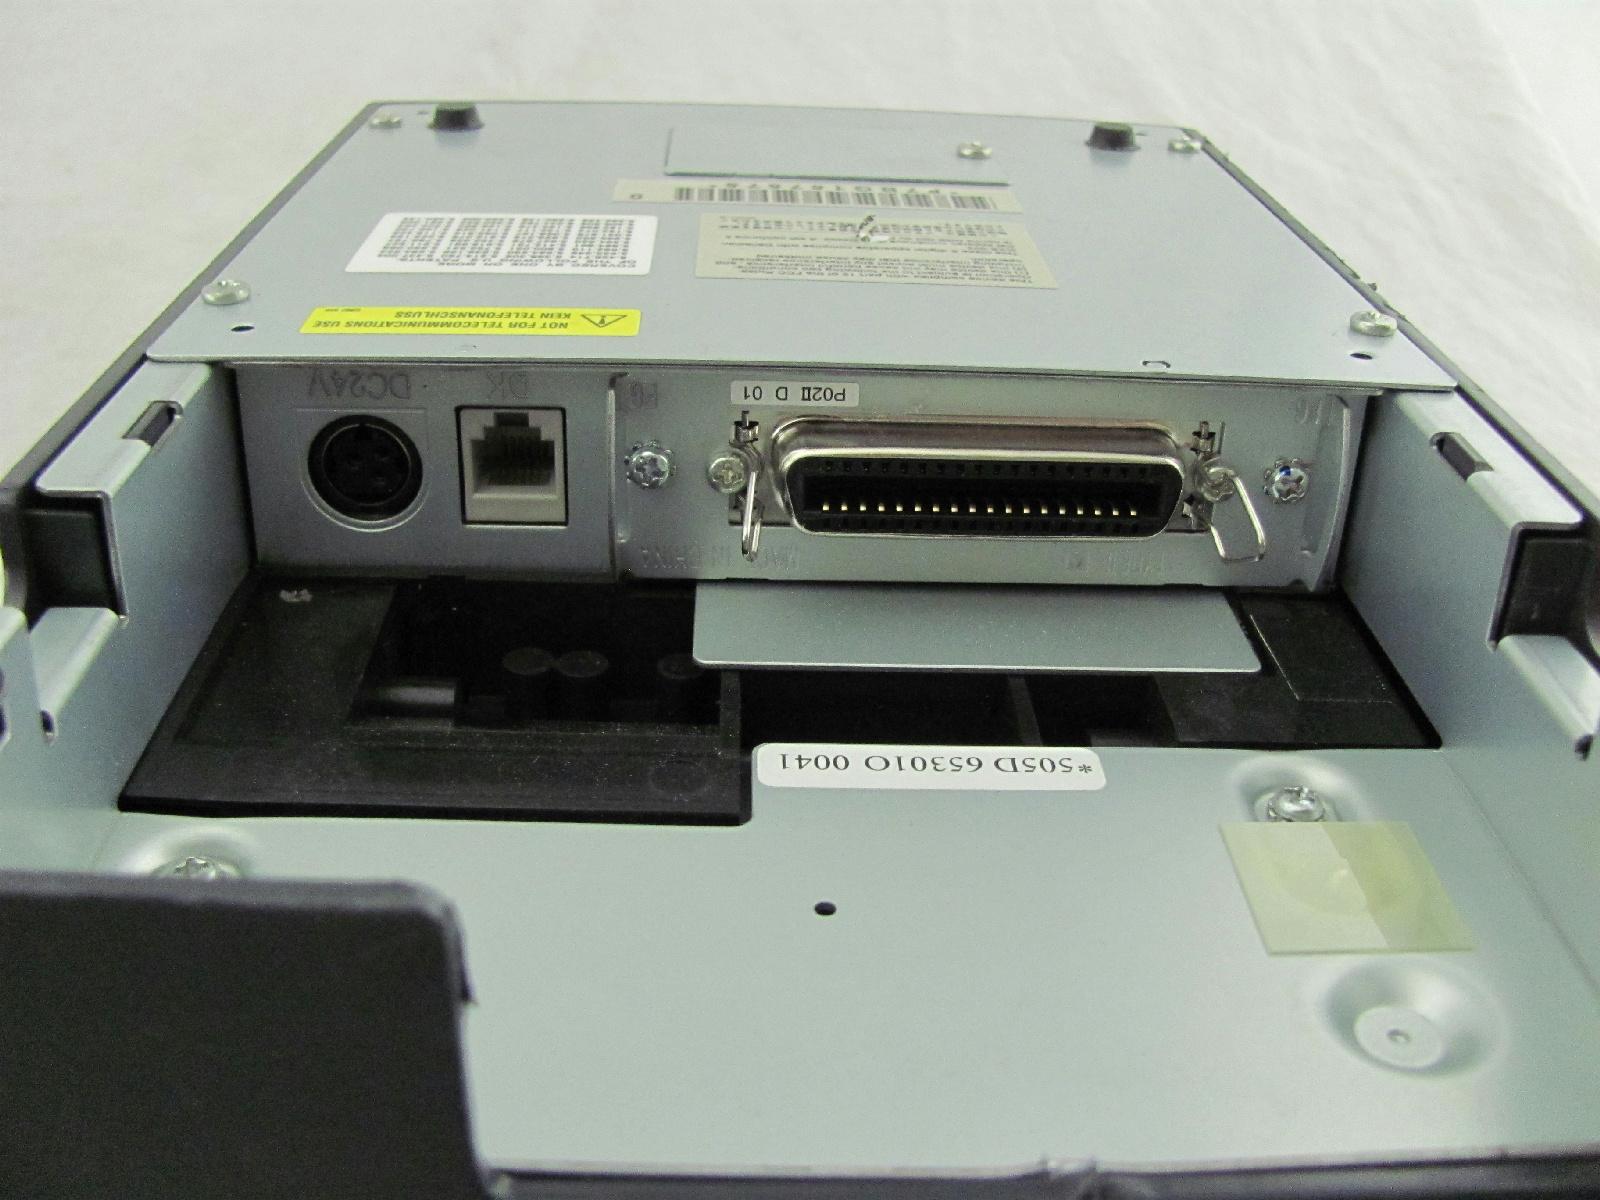 爱普生tm-u220pd m188d微型打印机驱动